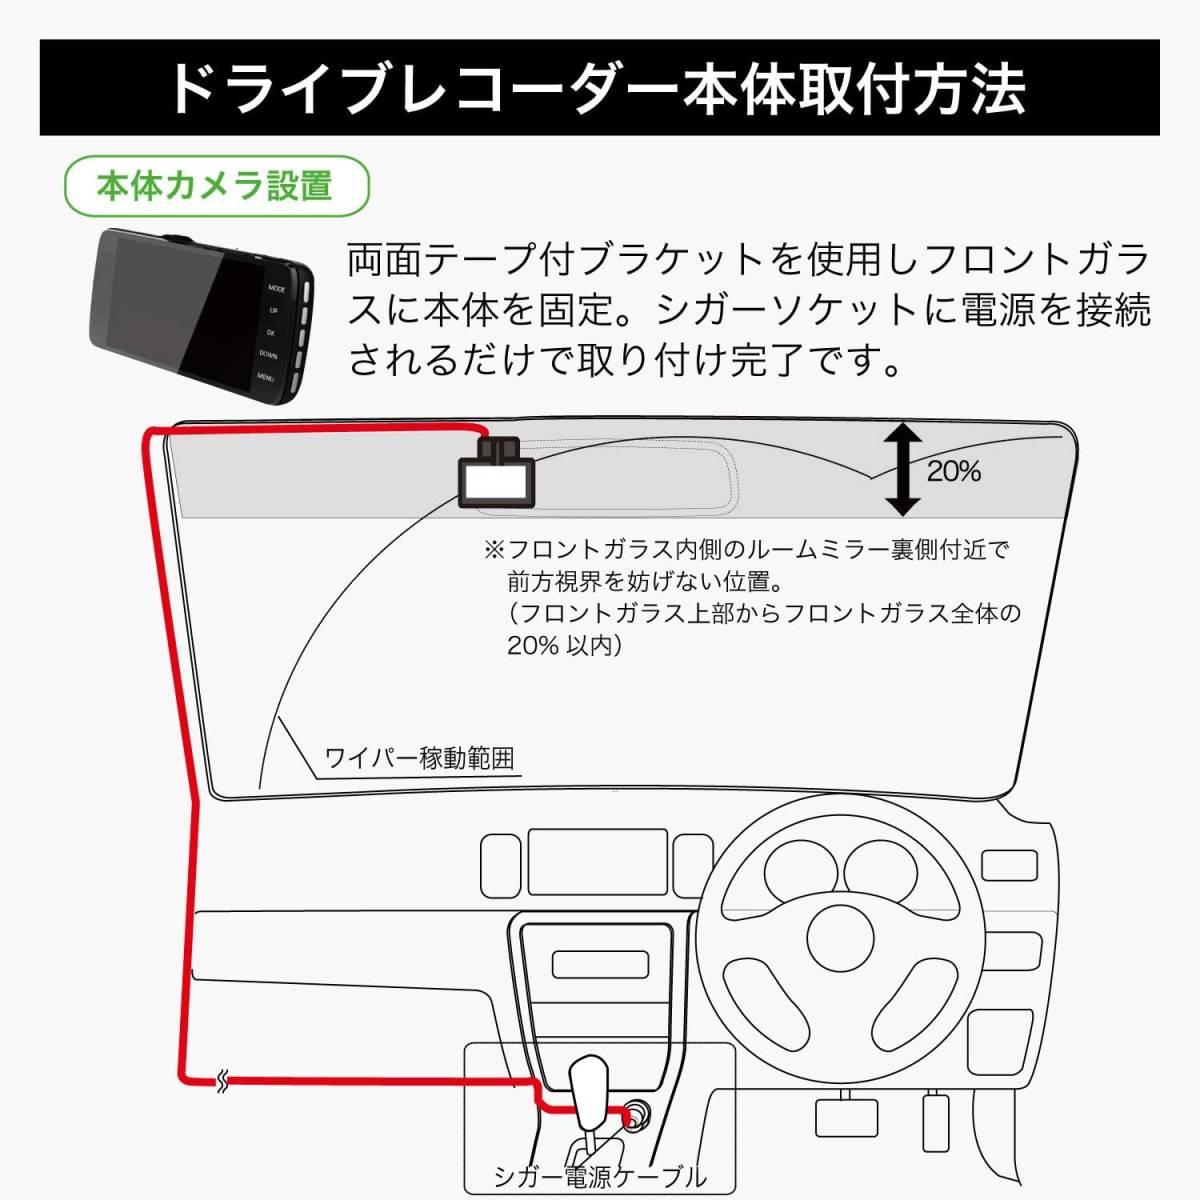 日本製 ドライブレコーダー 前後 カメラ 2カメラ 前後カメラ リアカメラ 駐車監視 衝撃録画 常時録画 モーション検知 ドラレコ_画像10